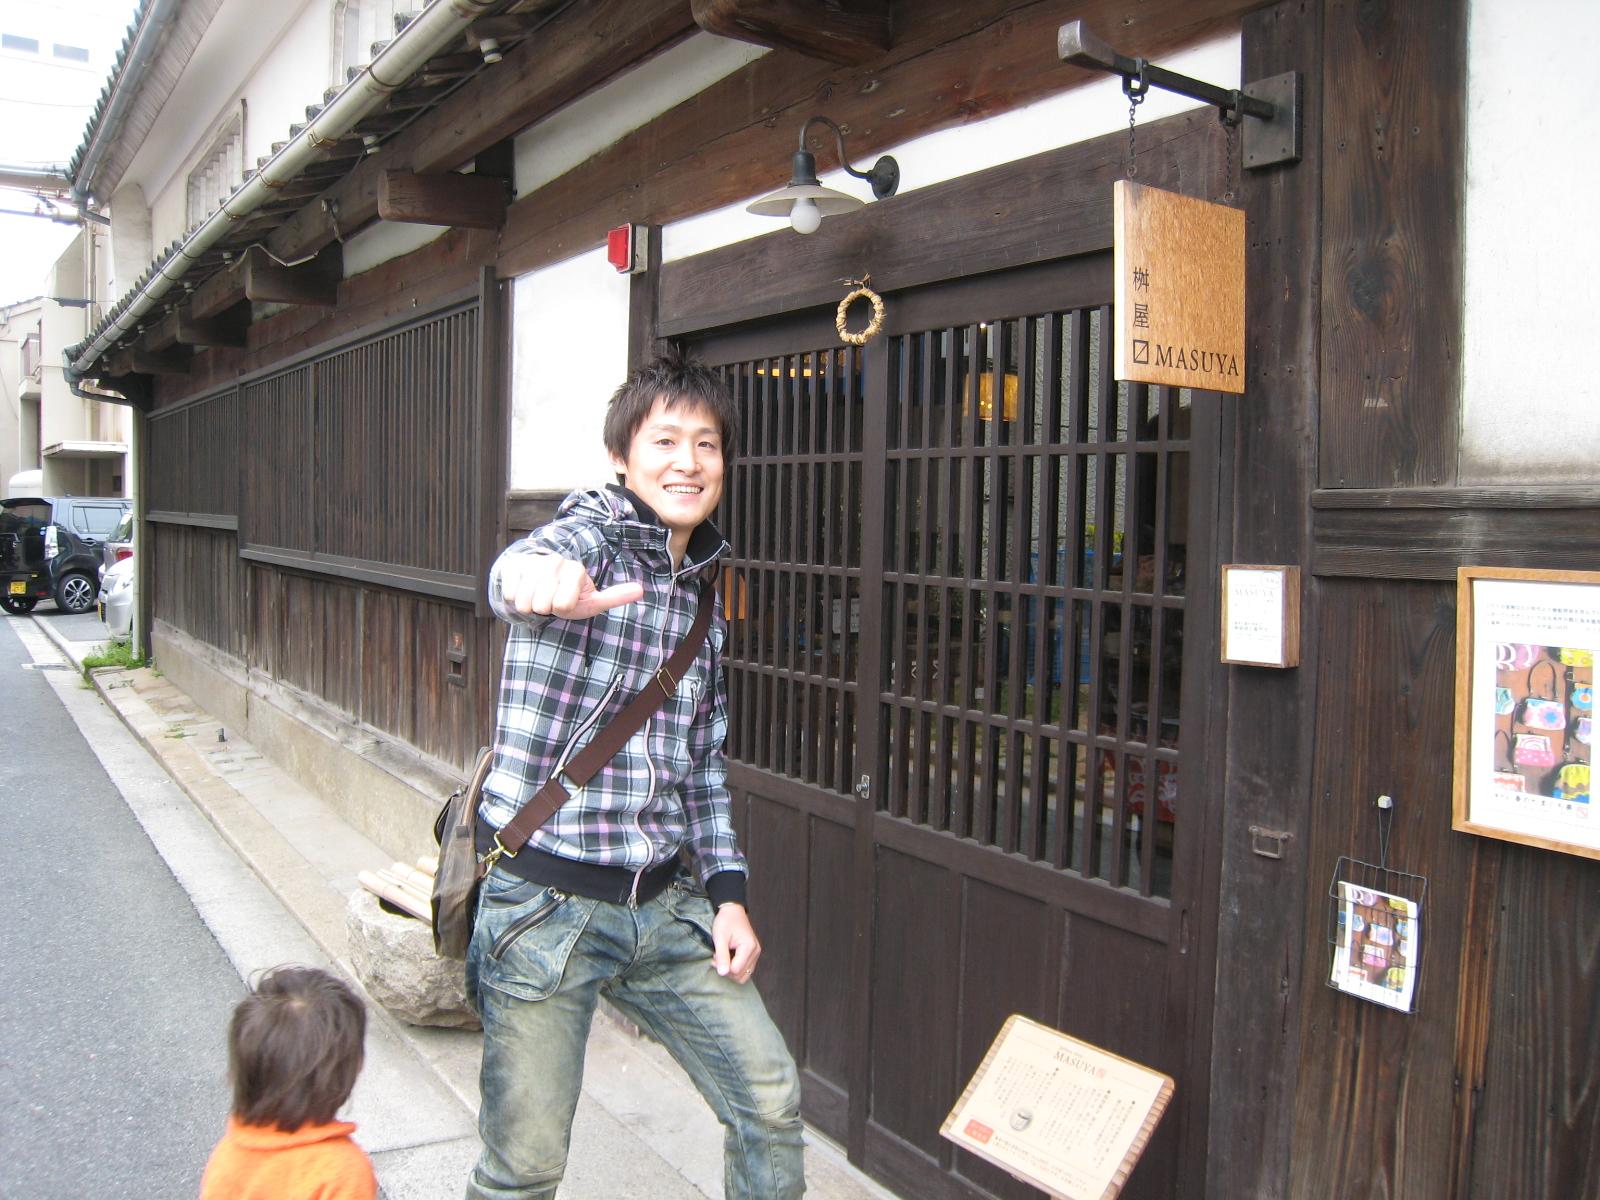 福山市鞆町にある雑貨屋&ギャラリー「桝屋-MASUYA-」~いろは丸事件の時に坂本龍馬が宿泊した場所